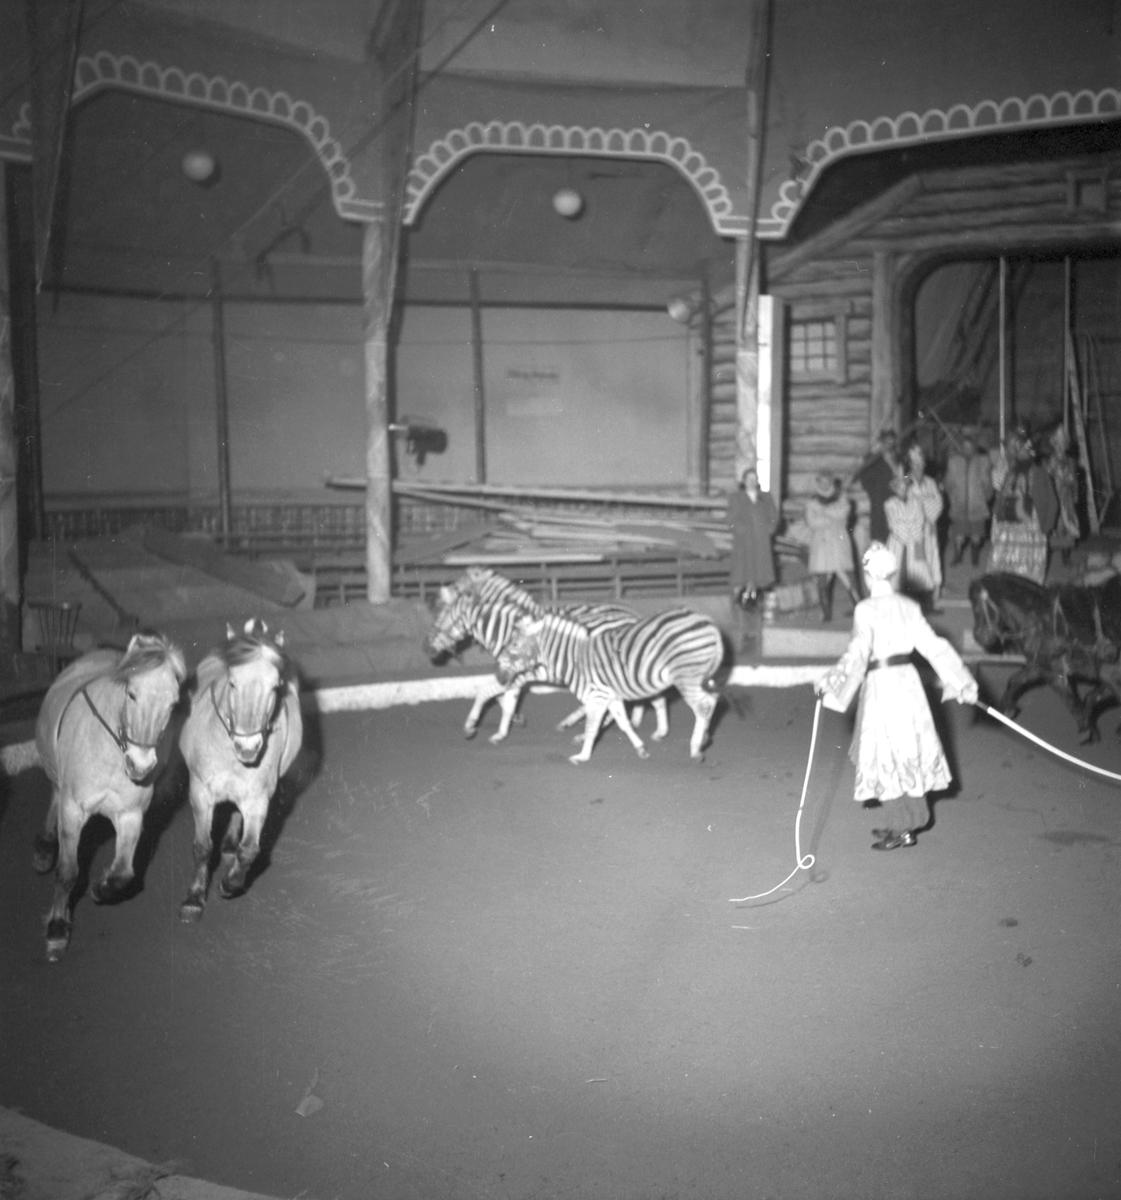 Furuviksparken invigdes pingstdagen 1936.  Cirkusbyggnaden Teater-Cirkus med cirka 600 platser, uppförd 1940.  Även några zebror fanns på plats